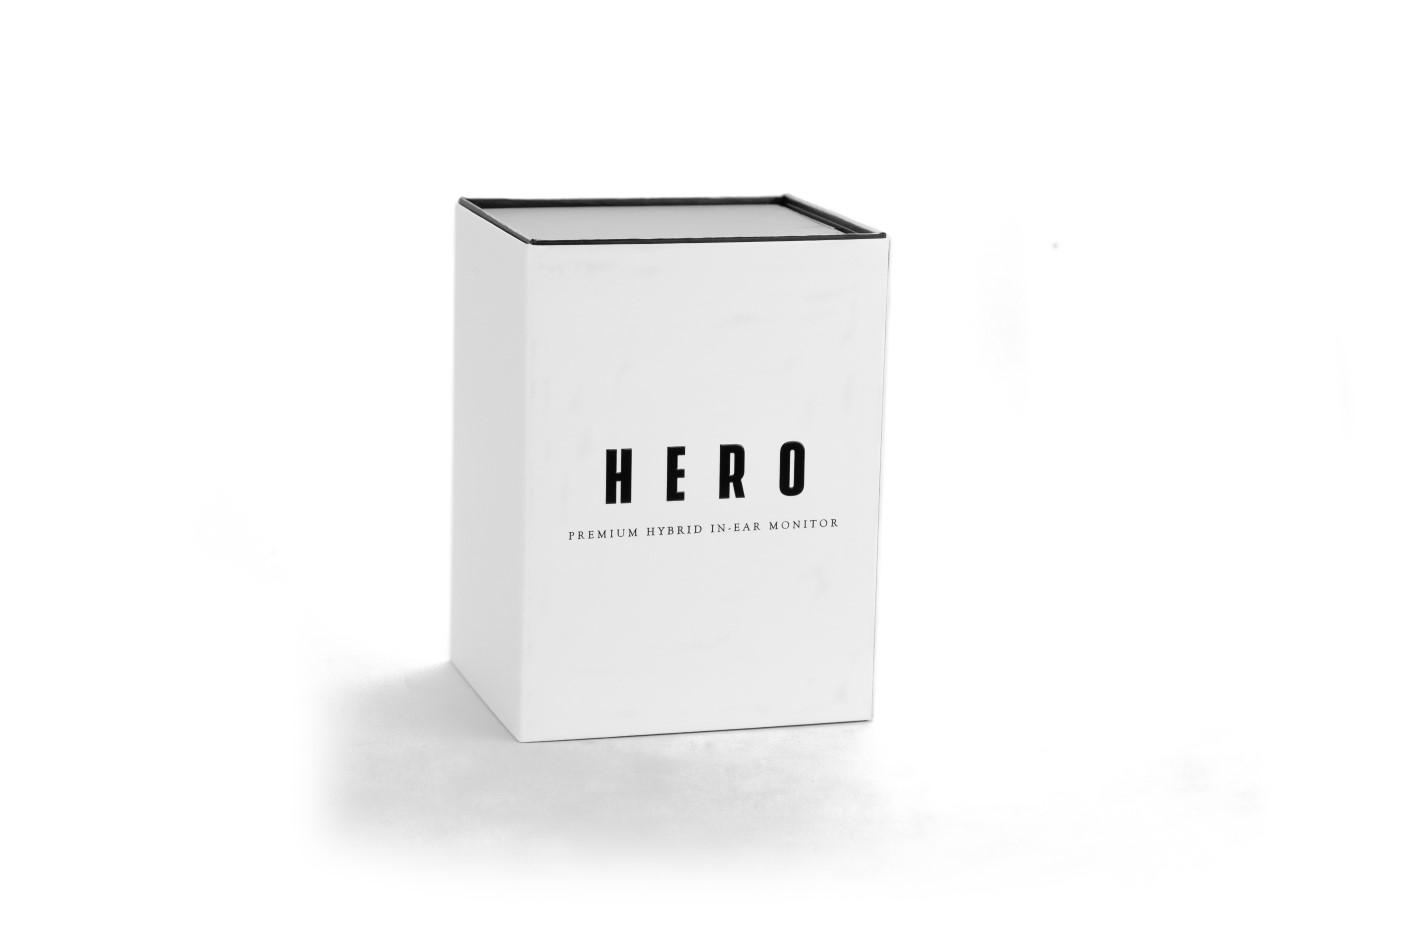 Hero_Box (1404 x 936).jpg